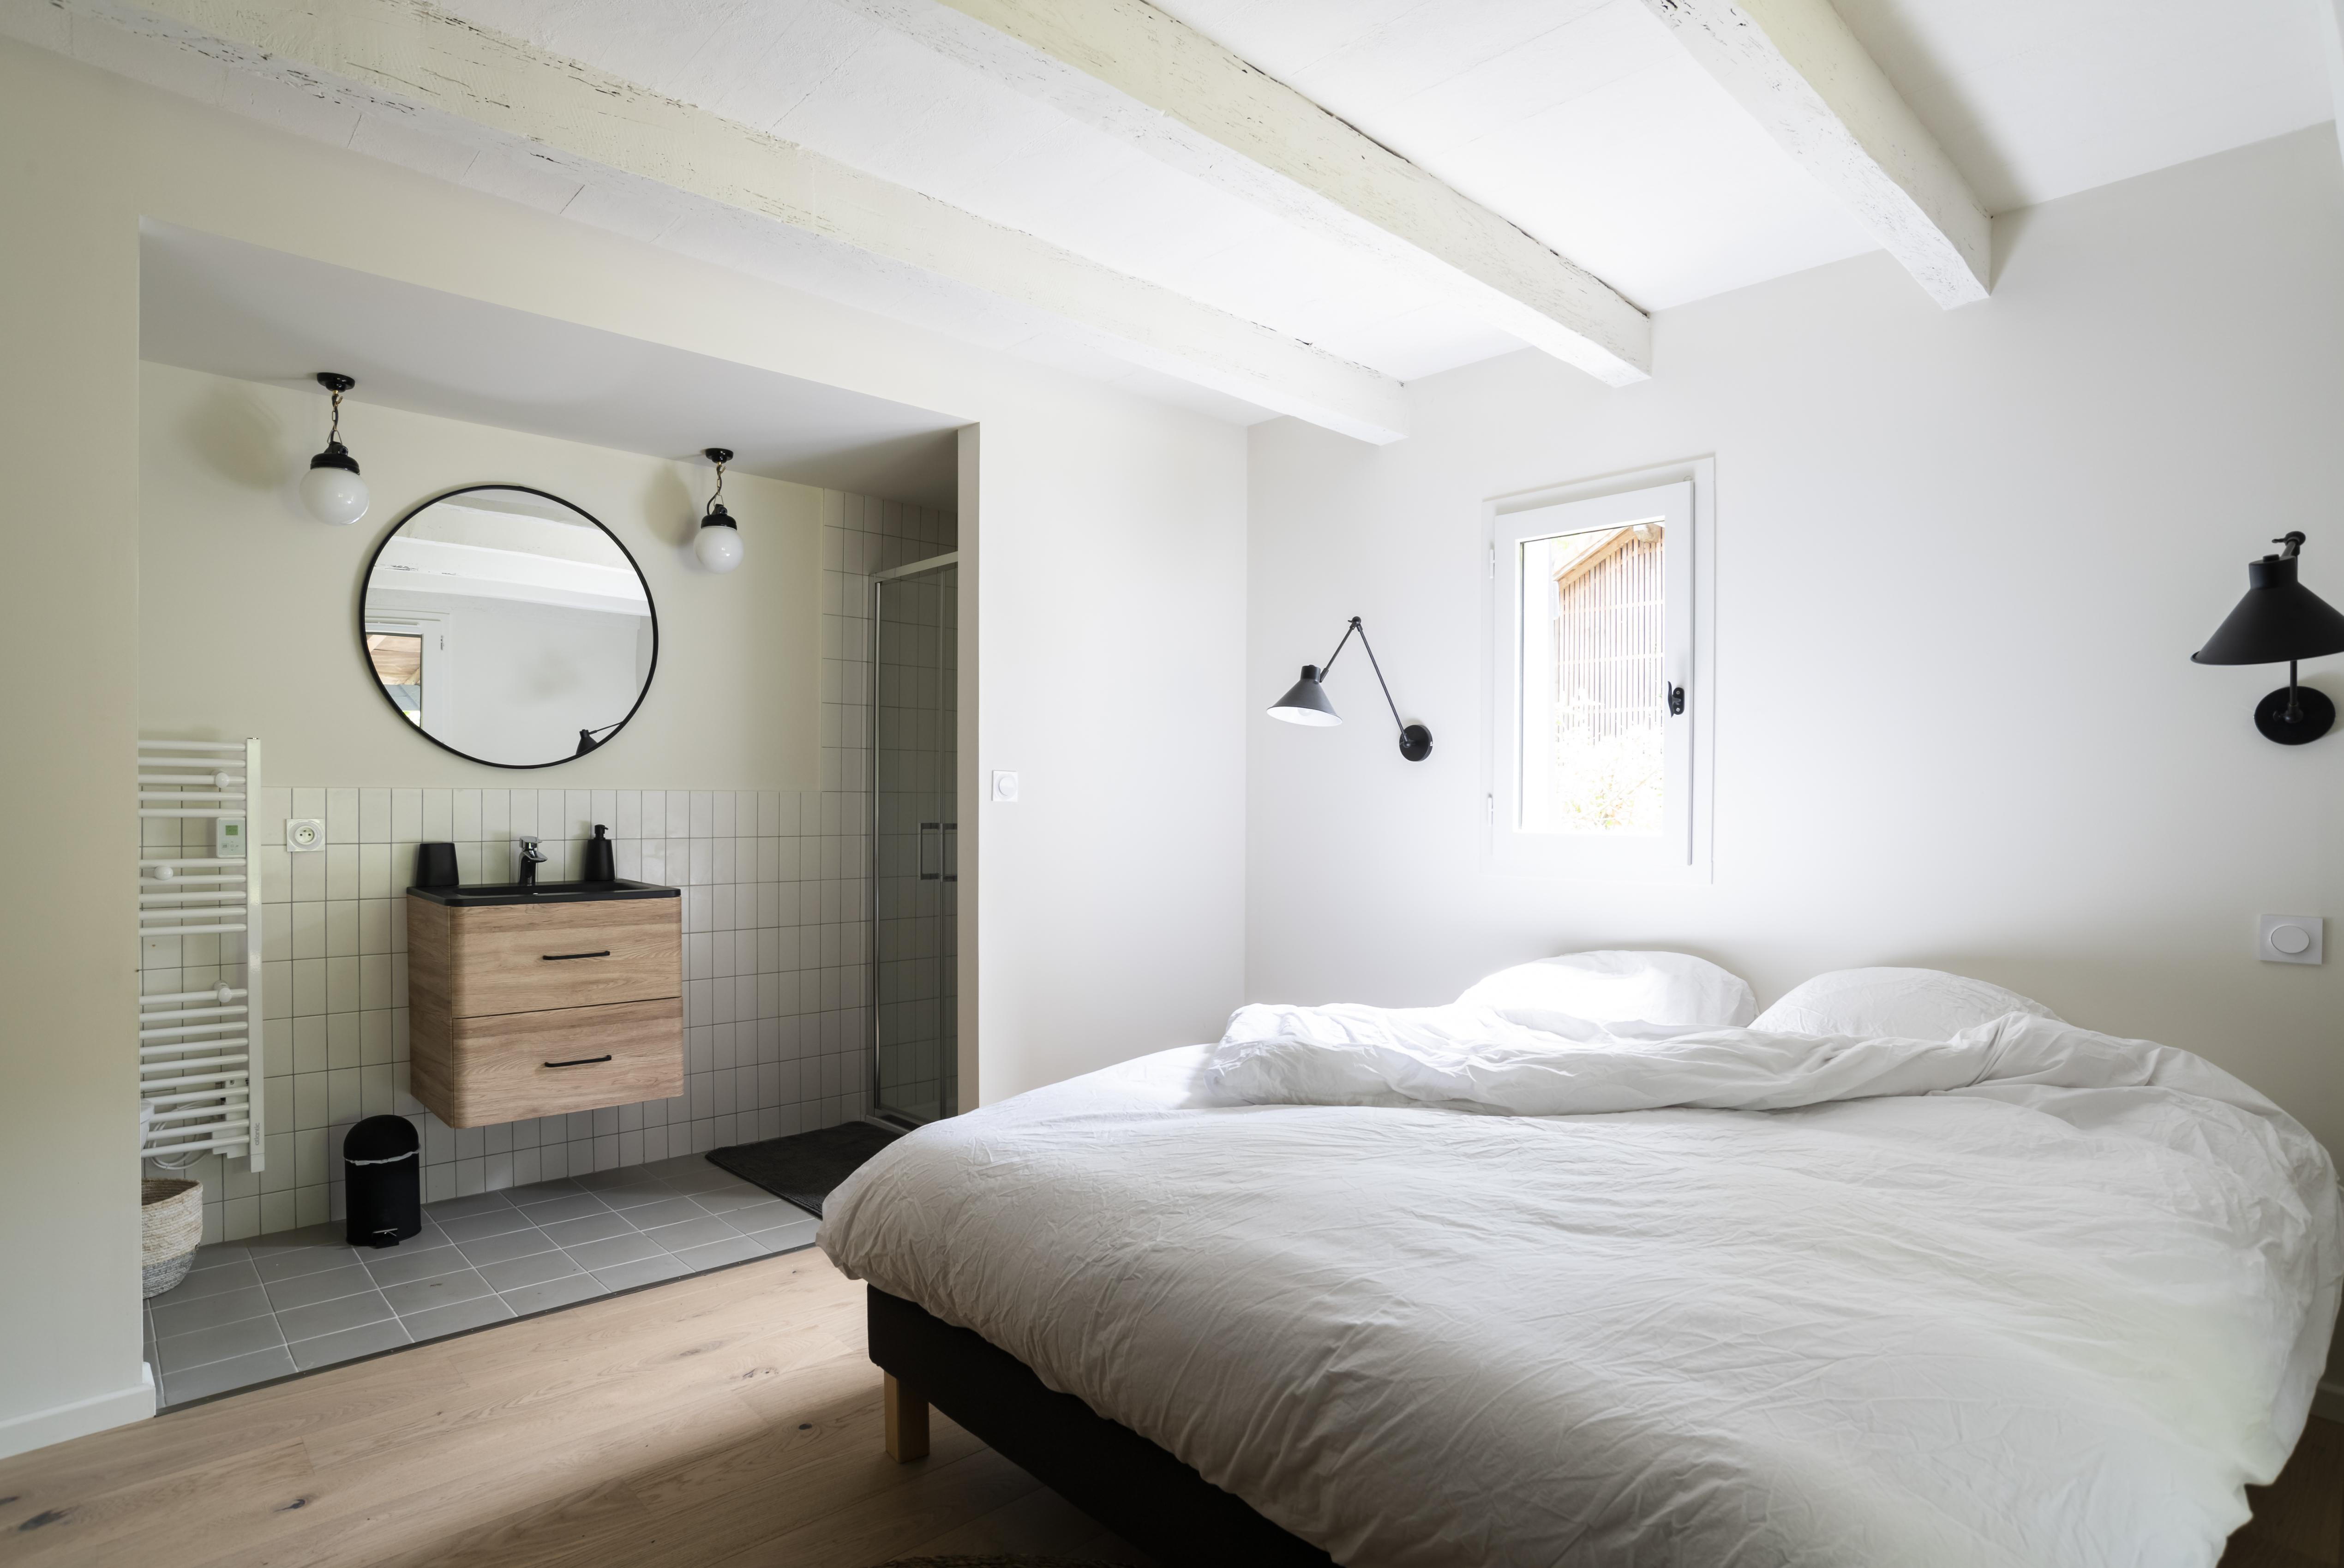 lalaarchitectes_Landes_renovation_chambre_Salle de bain